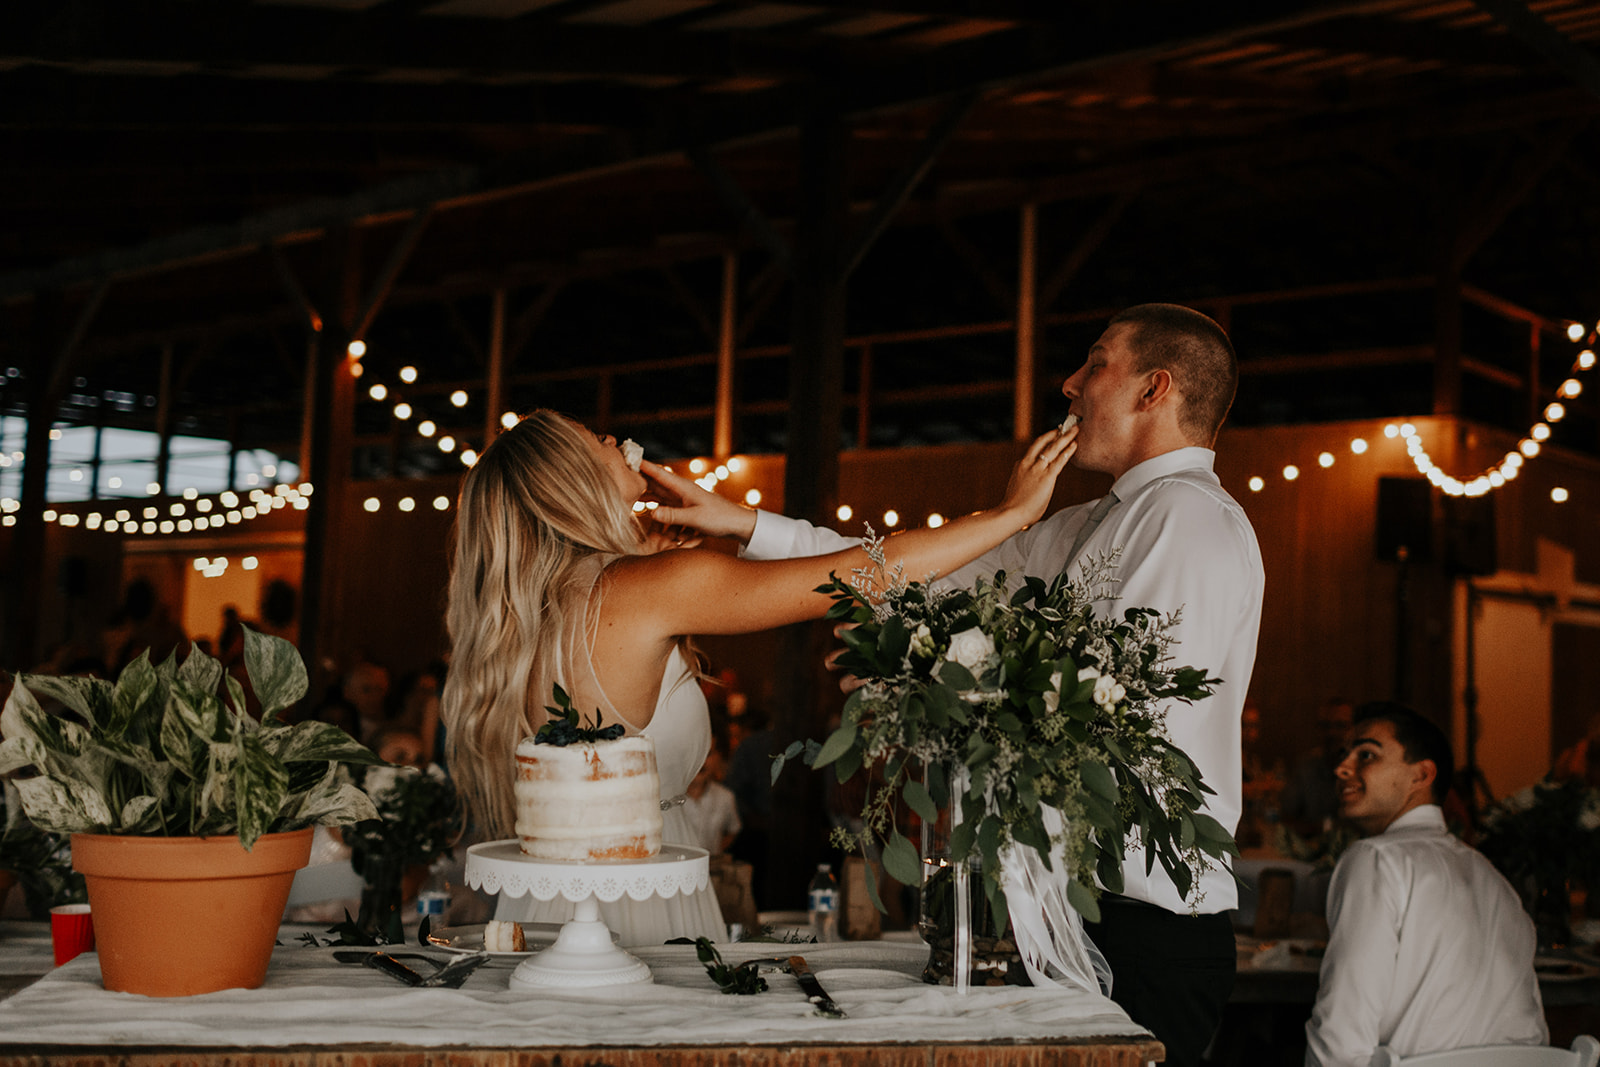 ginapaulson_larabryce_wedding-1146.jpg